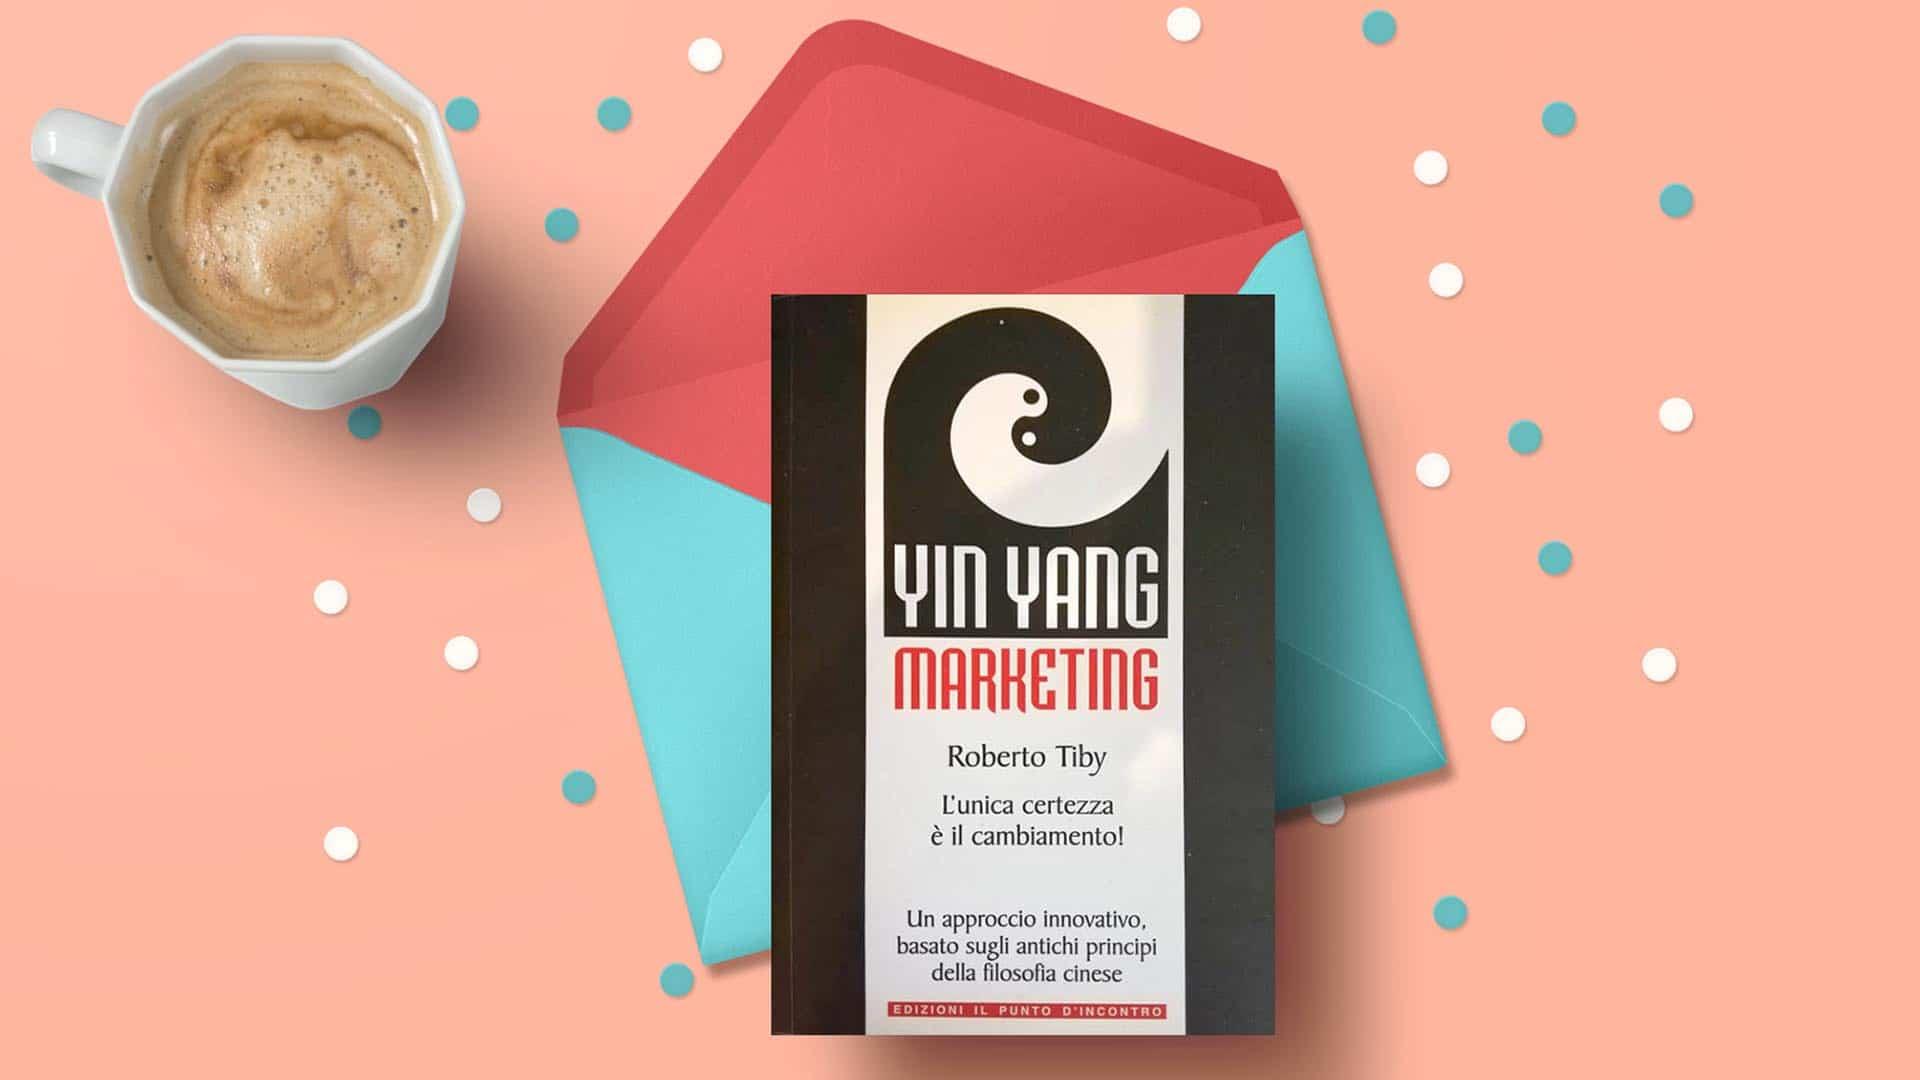 Avatar olistico yin yang marketing olistico avatar